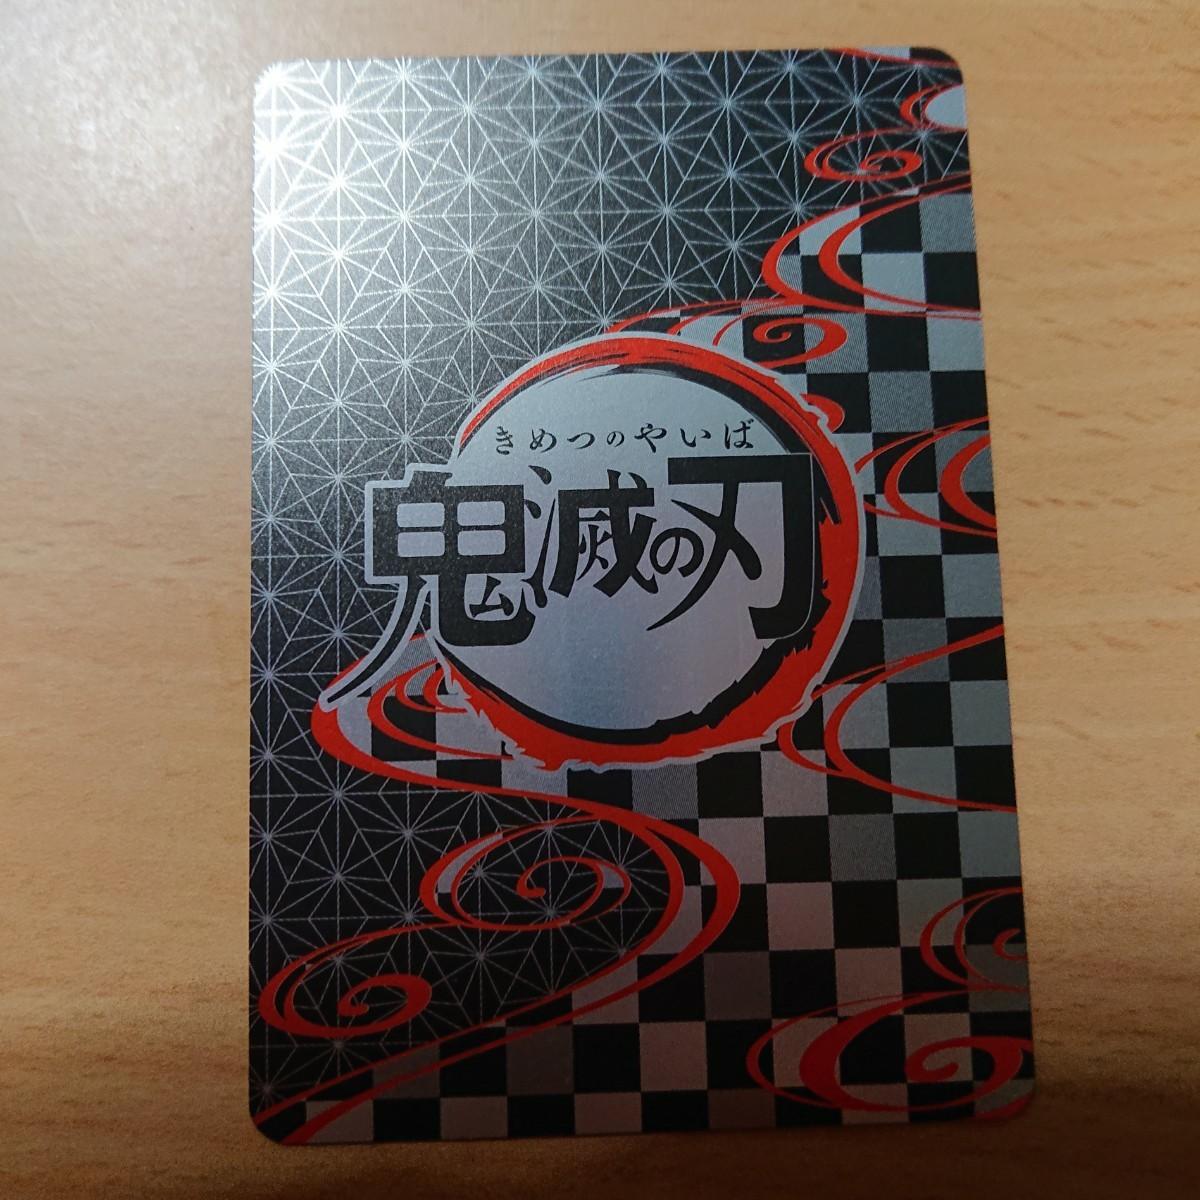 鬼滅の刃 竈門炭治郎 メタリック仕様 コレクターズカード2 集英社